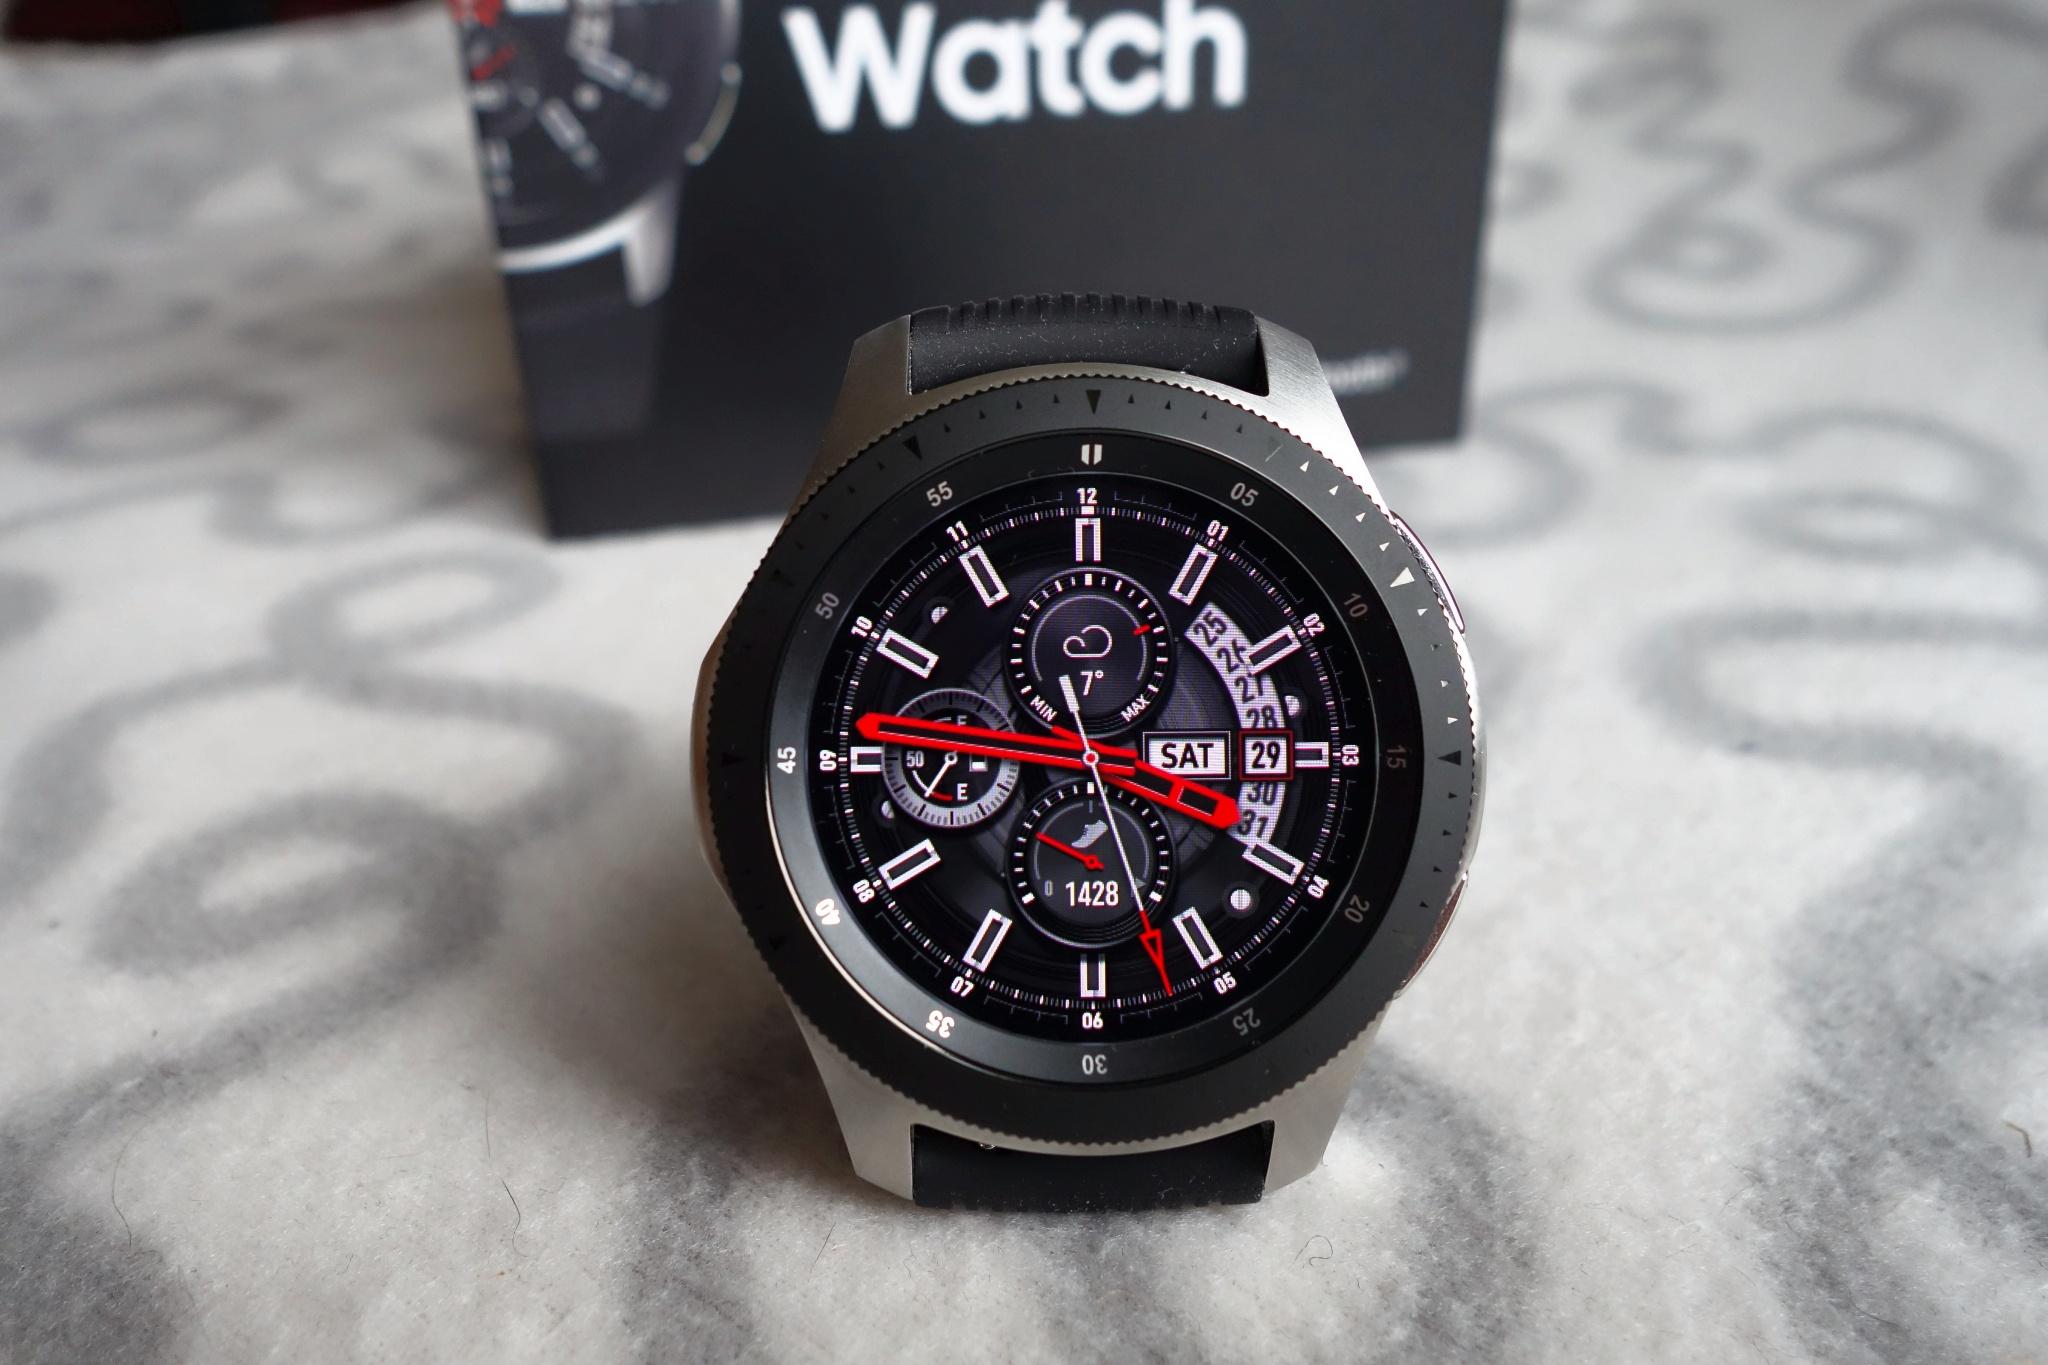 Обзор на Смарт-часы Samsung Galaxy Watch (46 mm) серебристая сталь -  изображение e2b0c4651f0d3